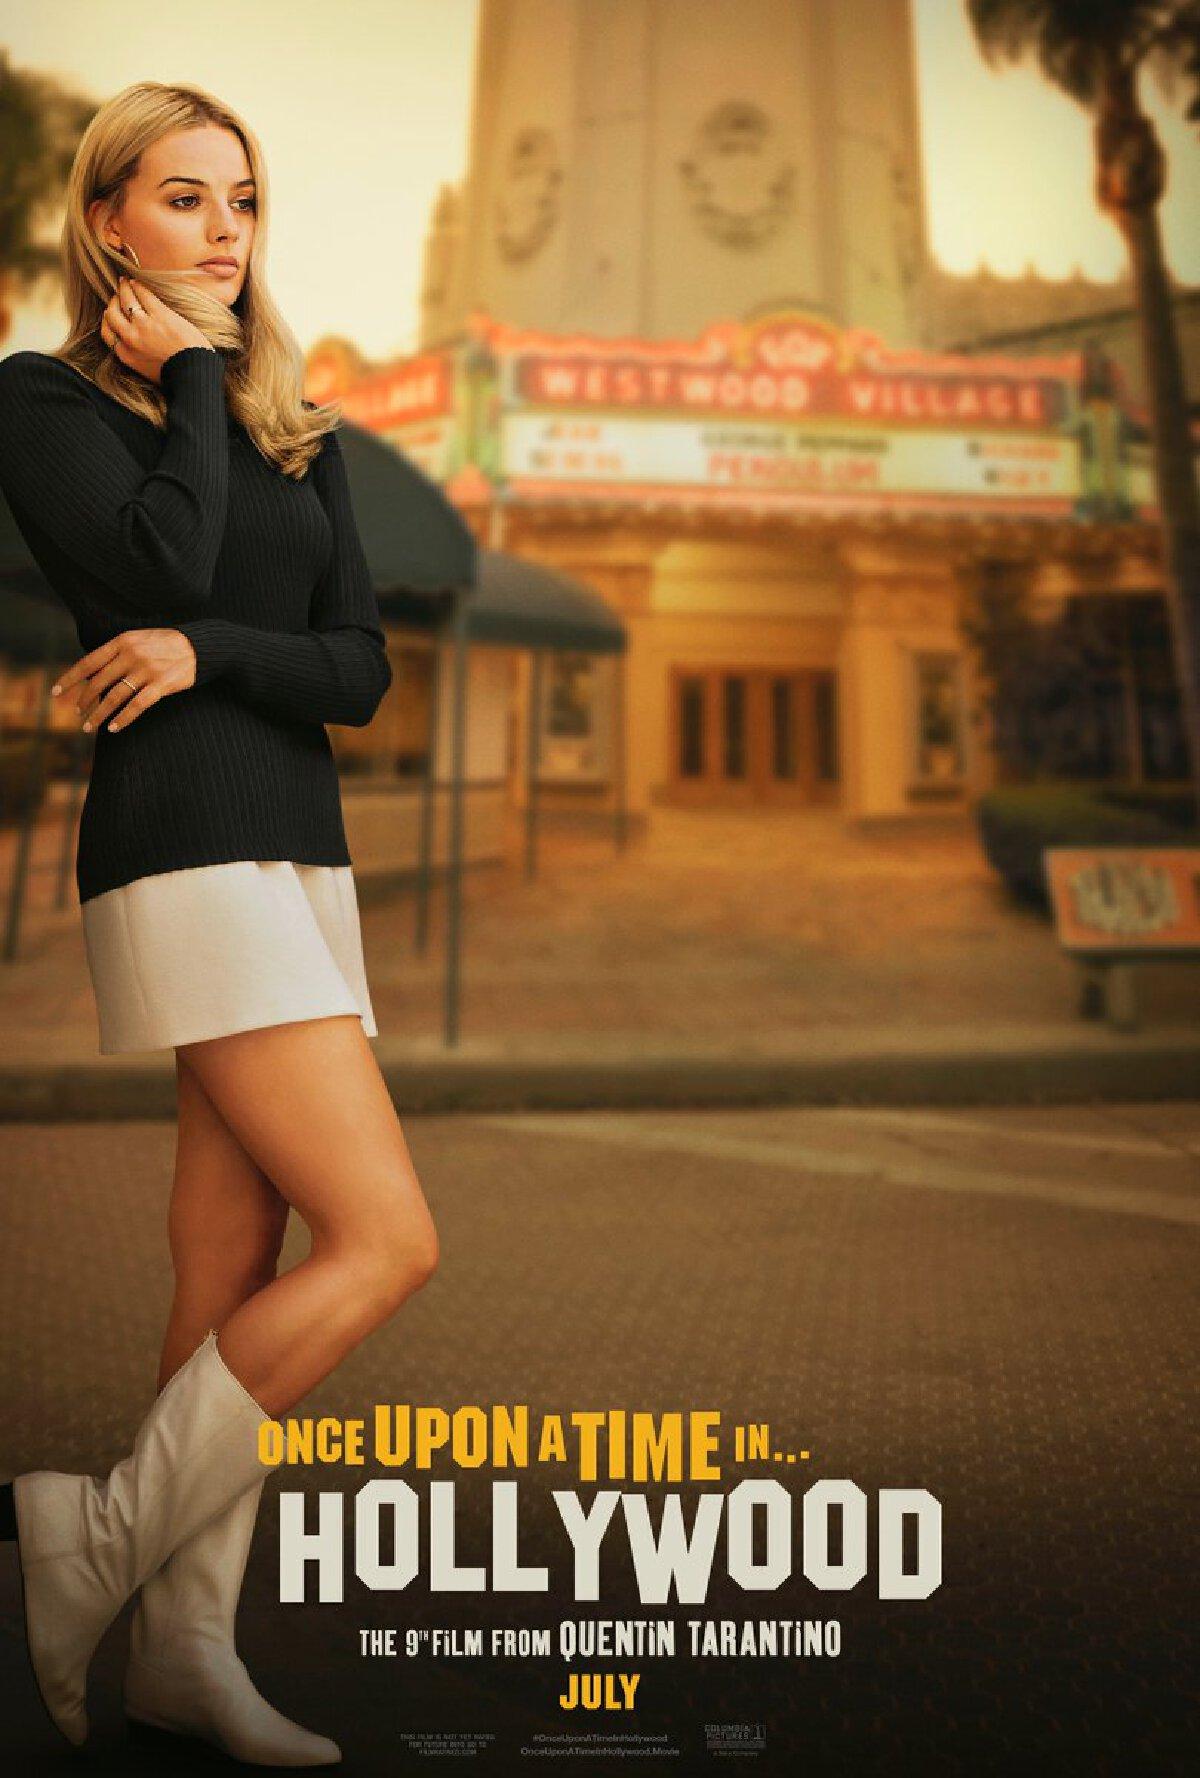 มาร์โกต์ ร็อบบี้ Margot Robbie ร่วมงานกับ แควนติน ทาแรนติโน่ ในภาพยนตร์ Once Upon a Time in Hollywood